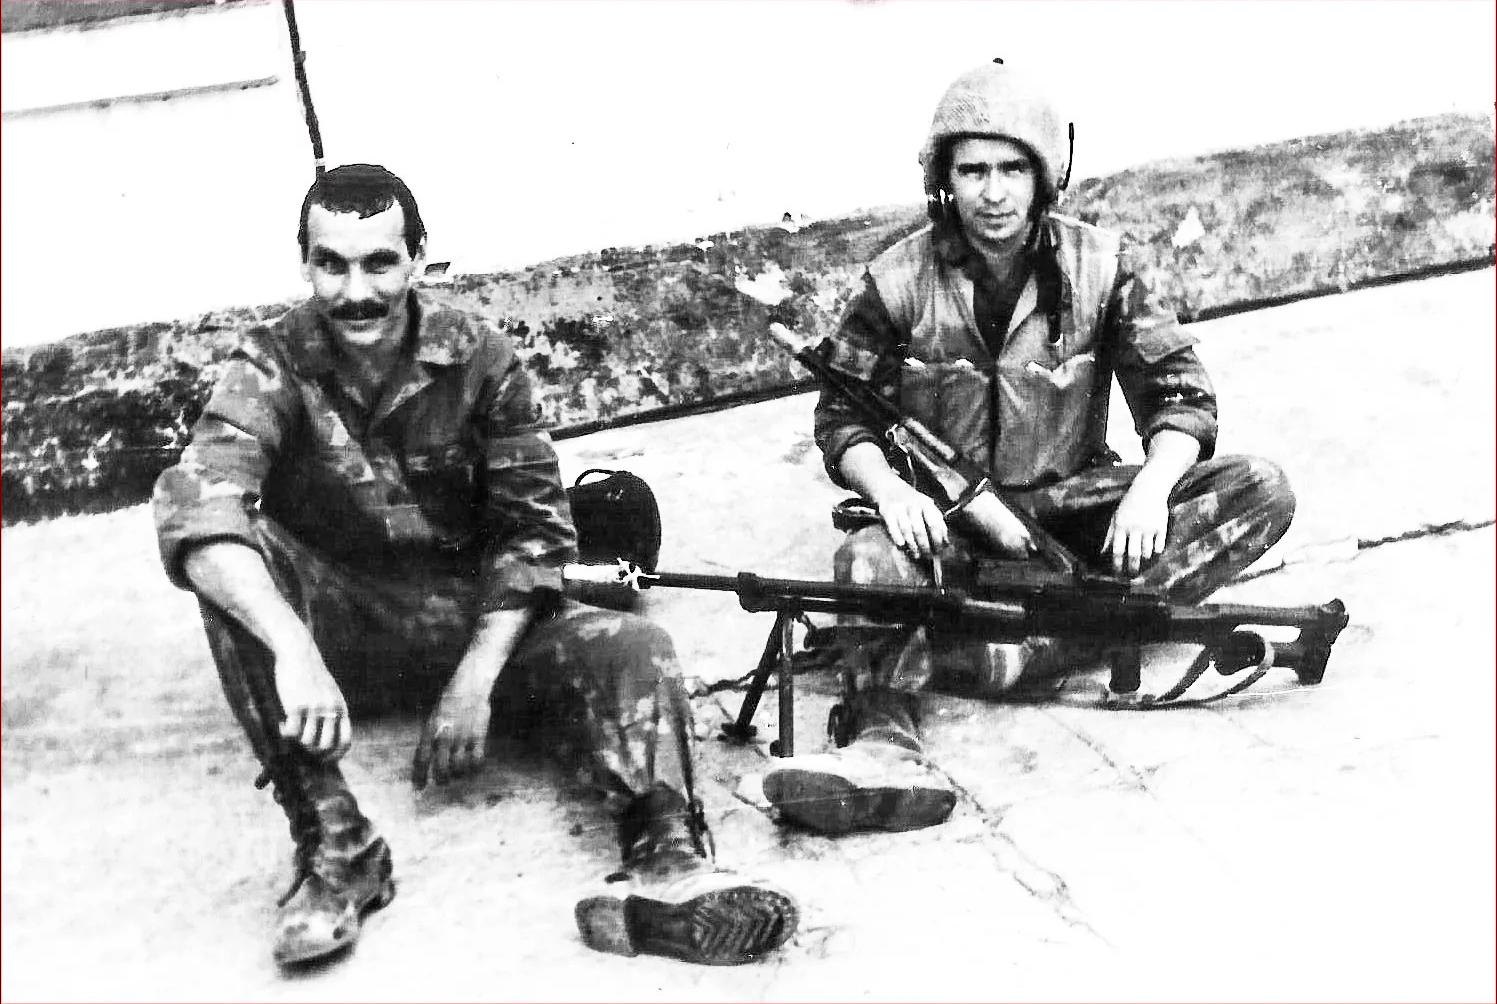 Бойцы группы Михаила Головатова вовремя боевой стажировки вДРА. Сорок суток они безвылазно провели натерритории Афгана. Фото 1984года